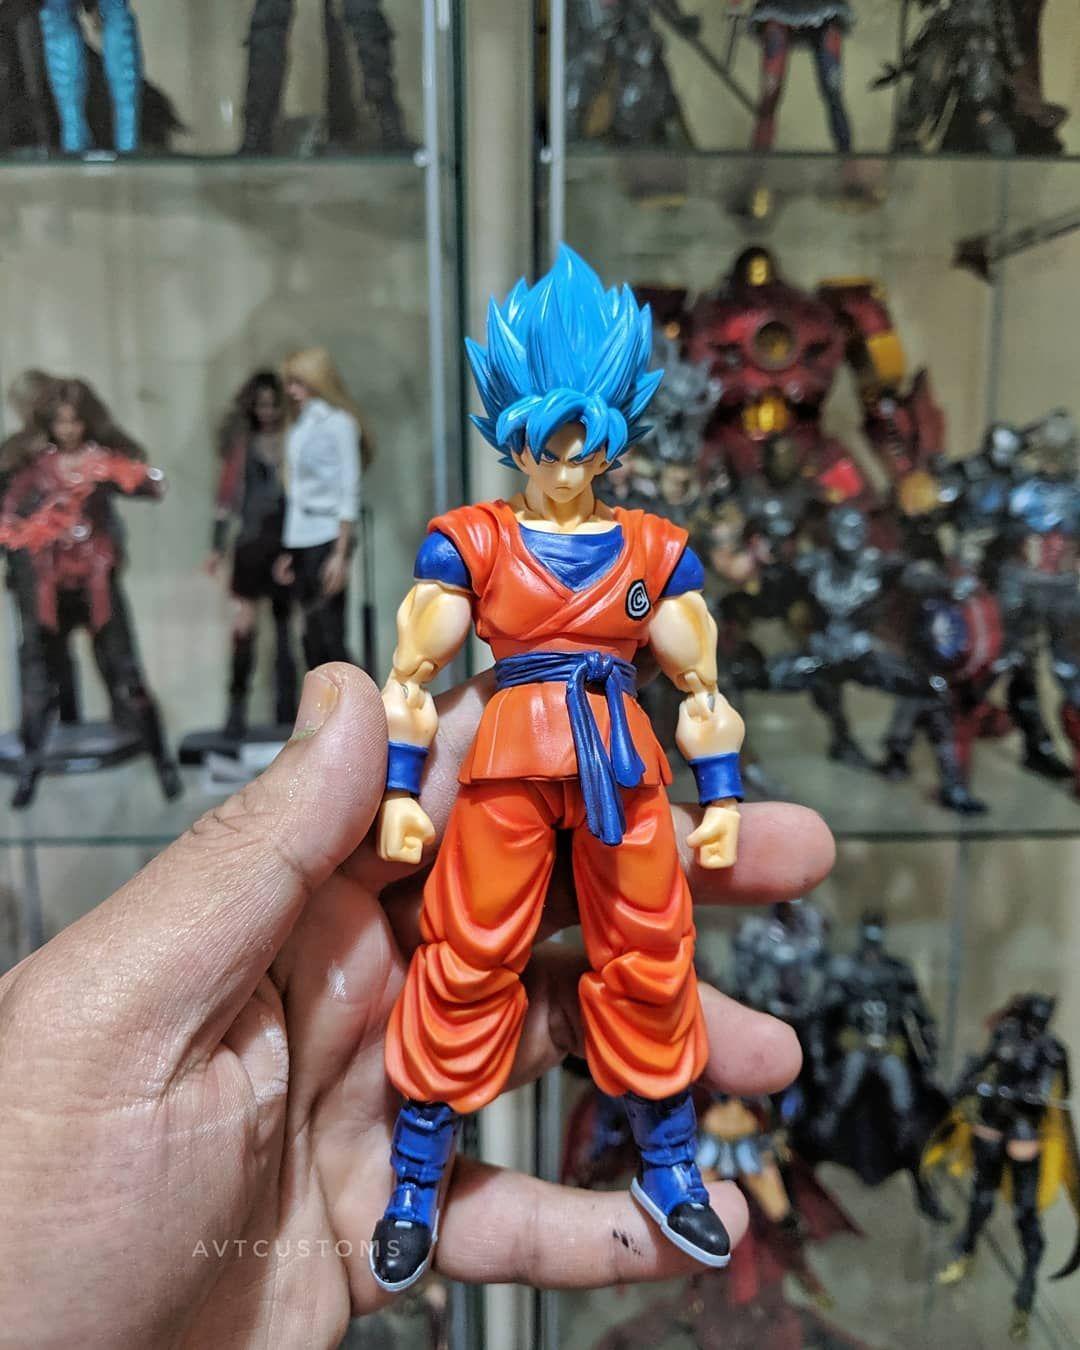 Custom Capsule Corp Ssgss Goku From Sdbh Anime Goku Super Saiyan Blue Goku Anime Dragon Ball